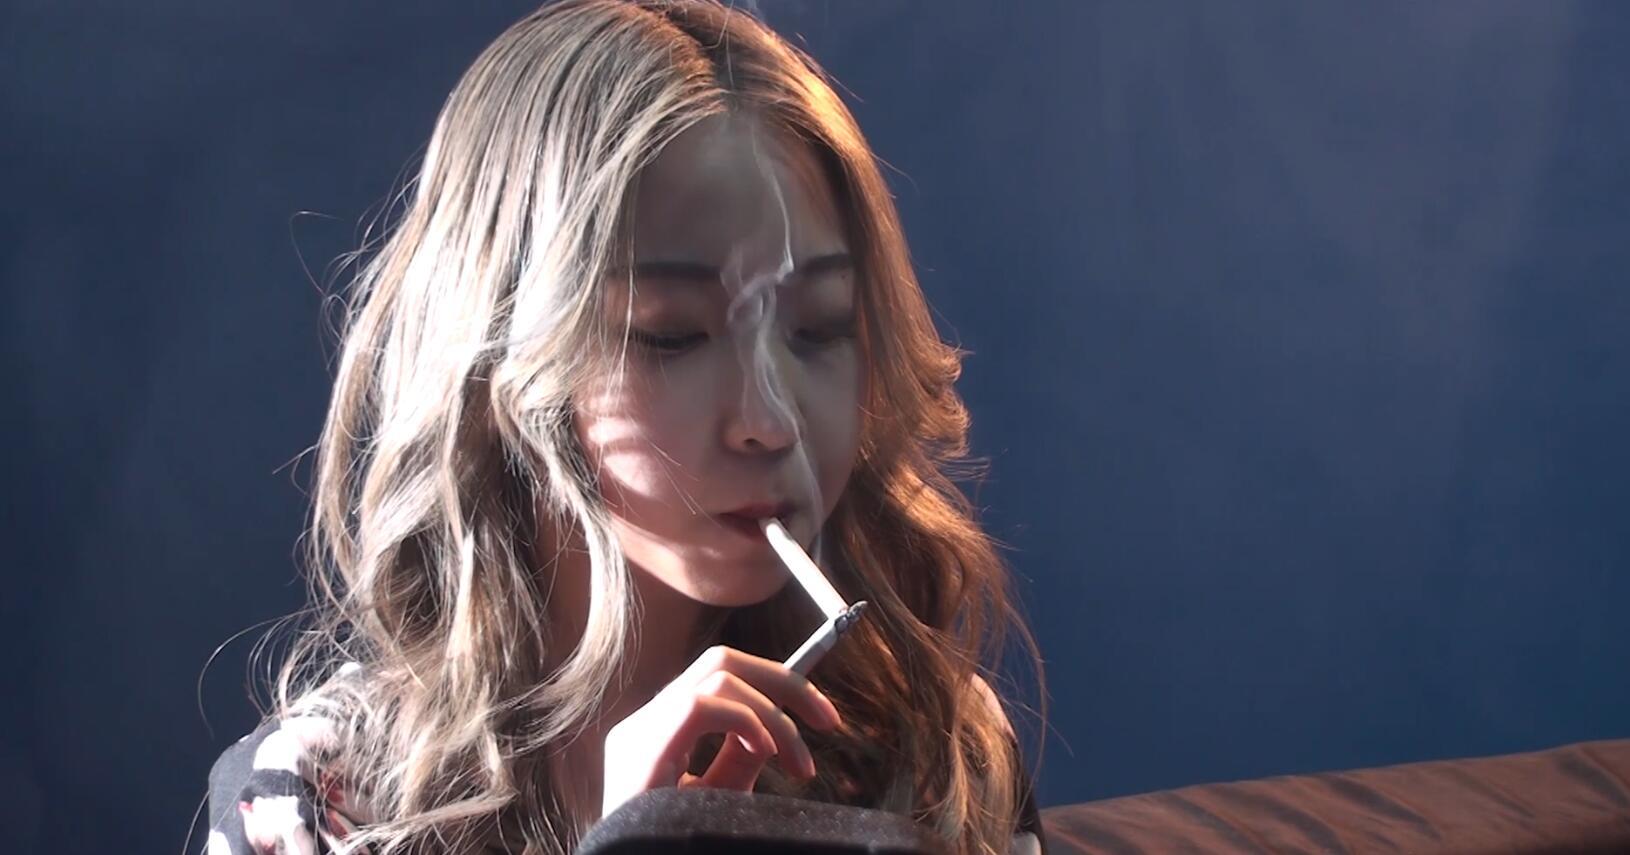 外表清纯可爱的小萌妹抽烟喜欢大回笼[MP4/1.23GB/度盘/GoogleDrive]